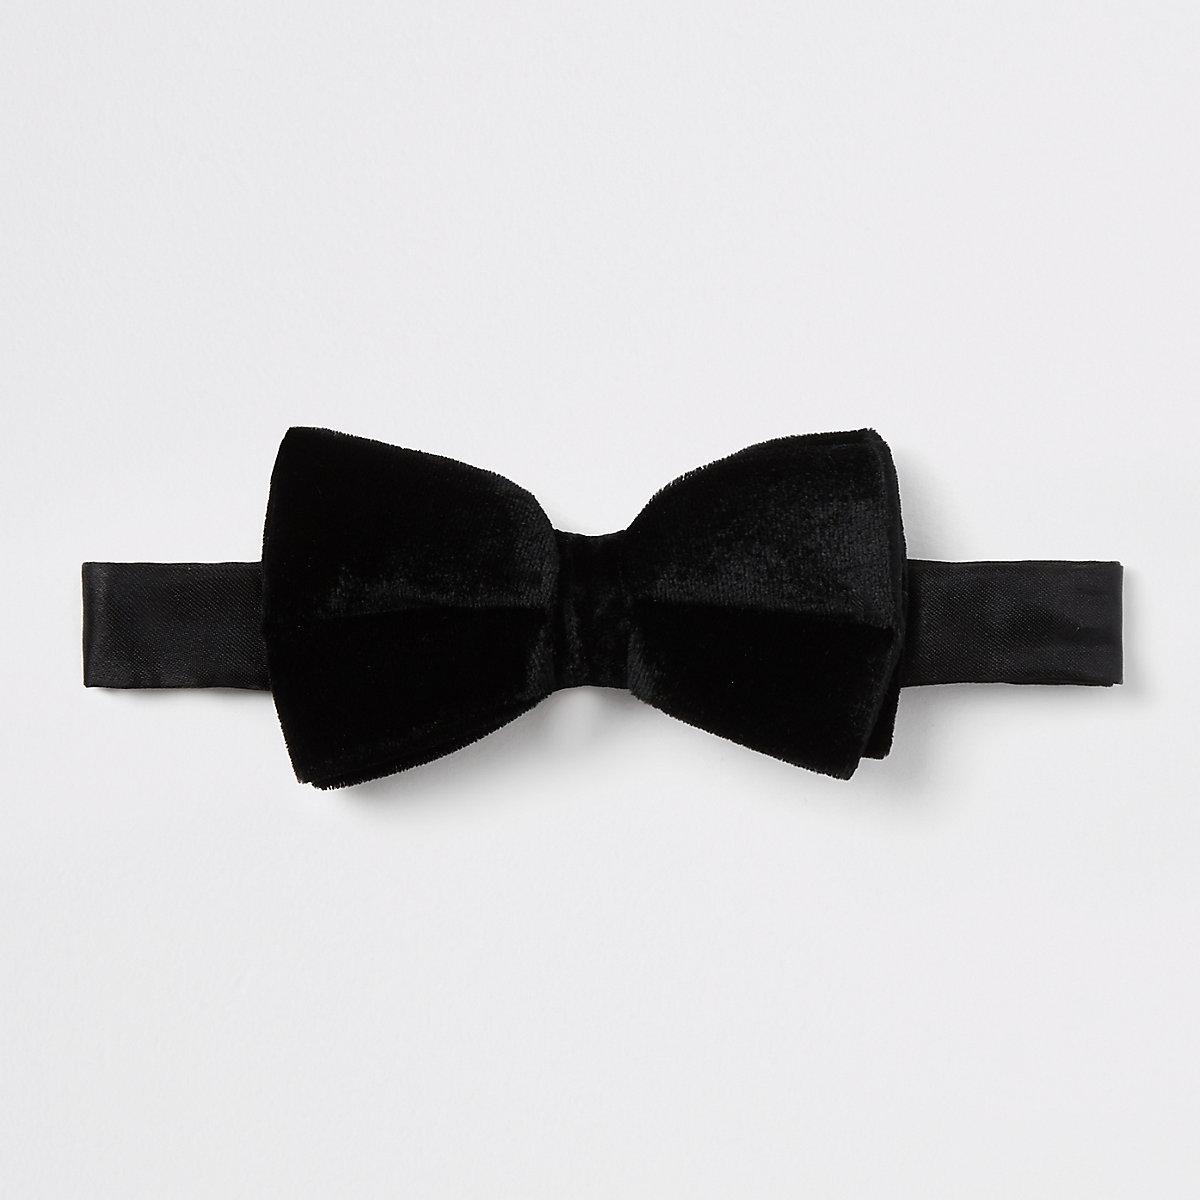 Black velvet bow tie